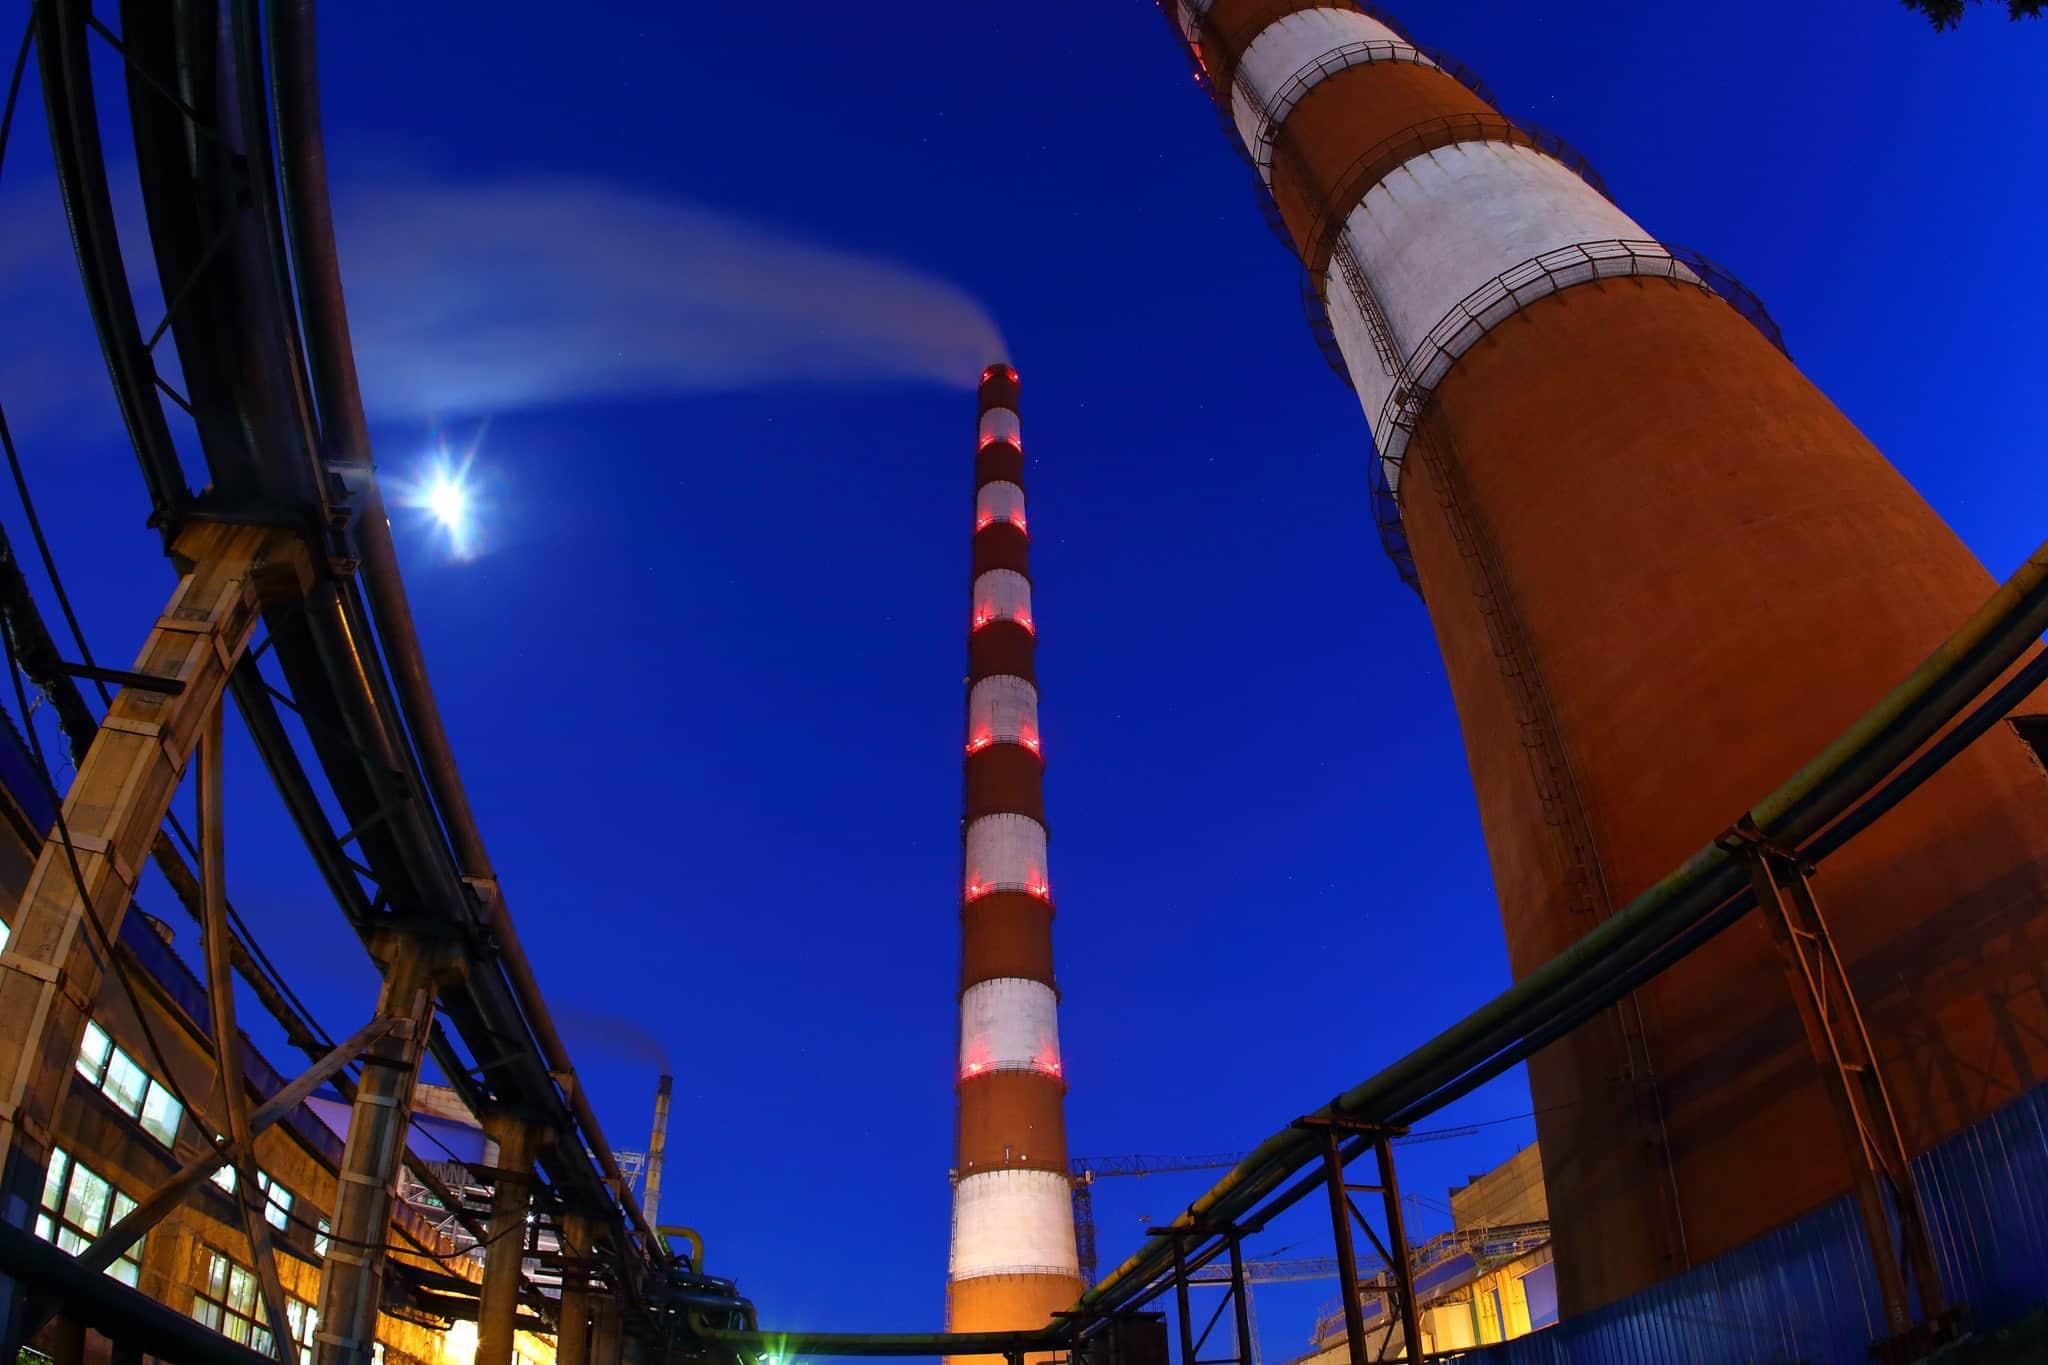 «Донбассэнерго» заявляет об угрозе чрезвычайной ситуации из-за прекращения распределения газа на Славянскую ТЭС